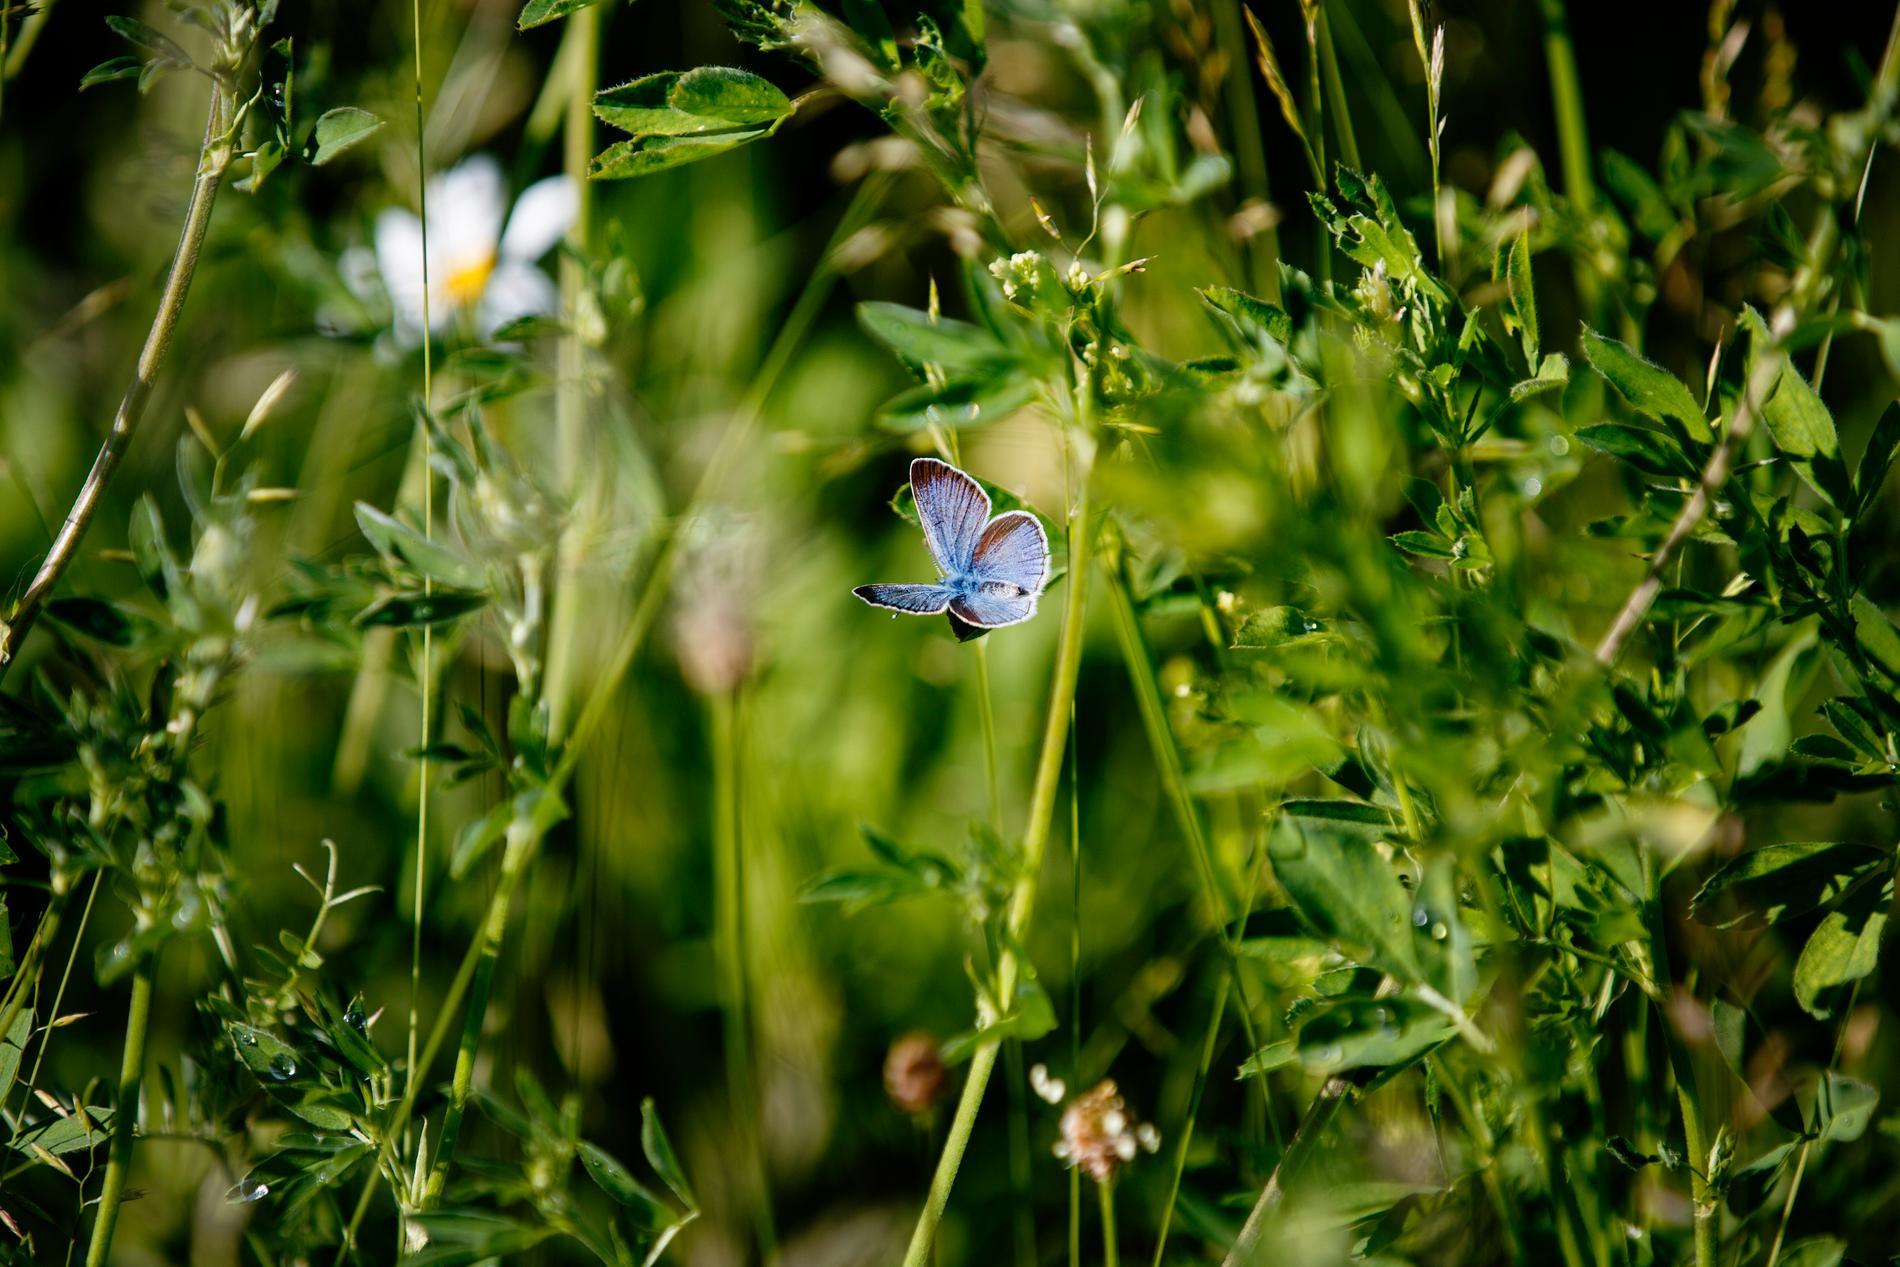 Ängsmark och en klöverblåvinge – en artrik men hotad naturtyp i Sverige då många betesmarker får växa igen. Arkivbild.